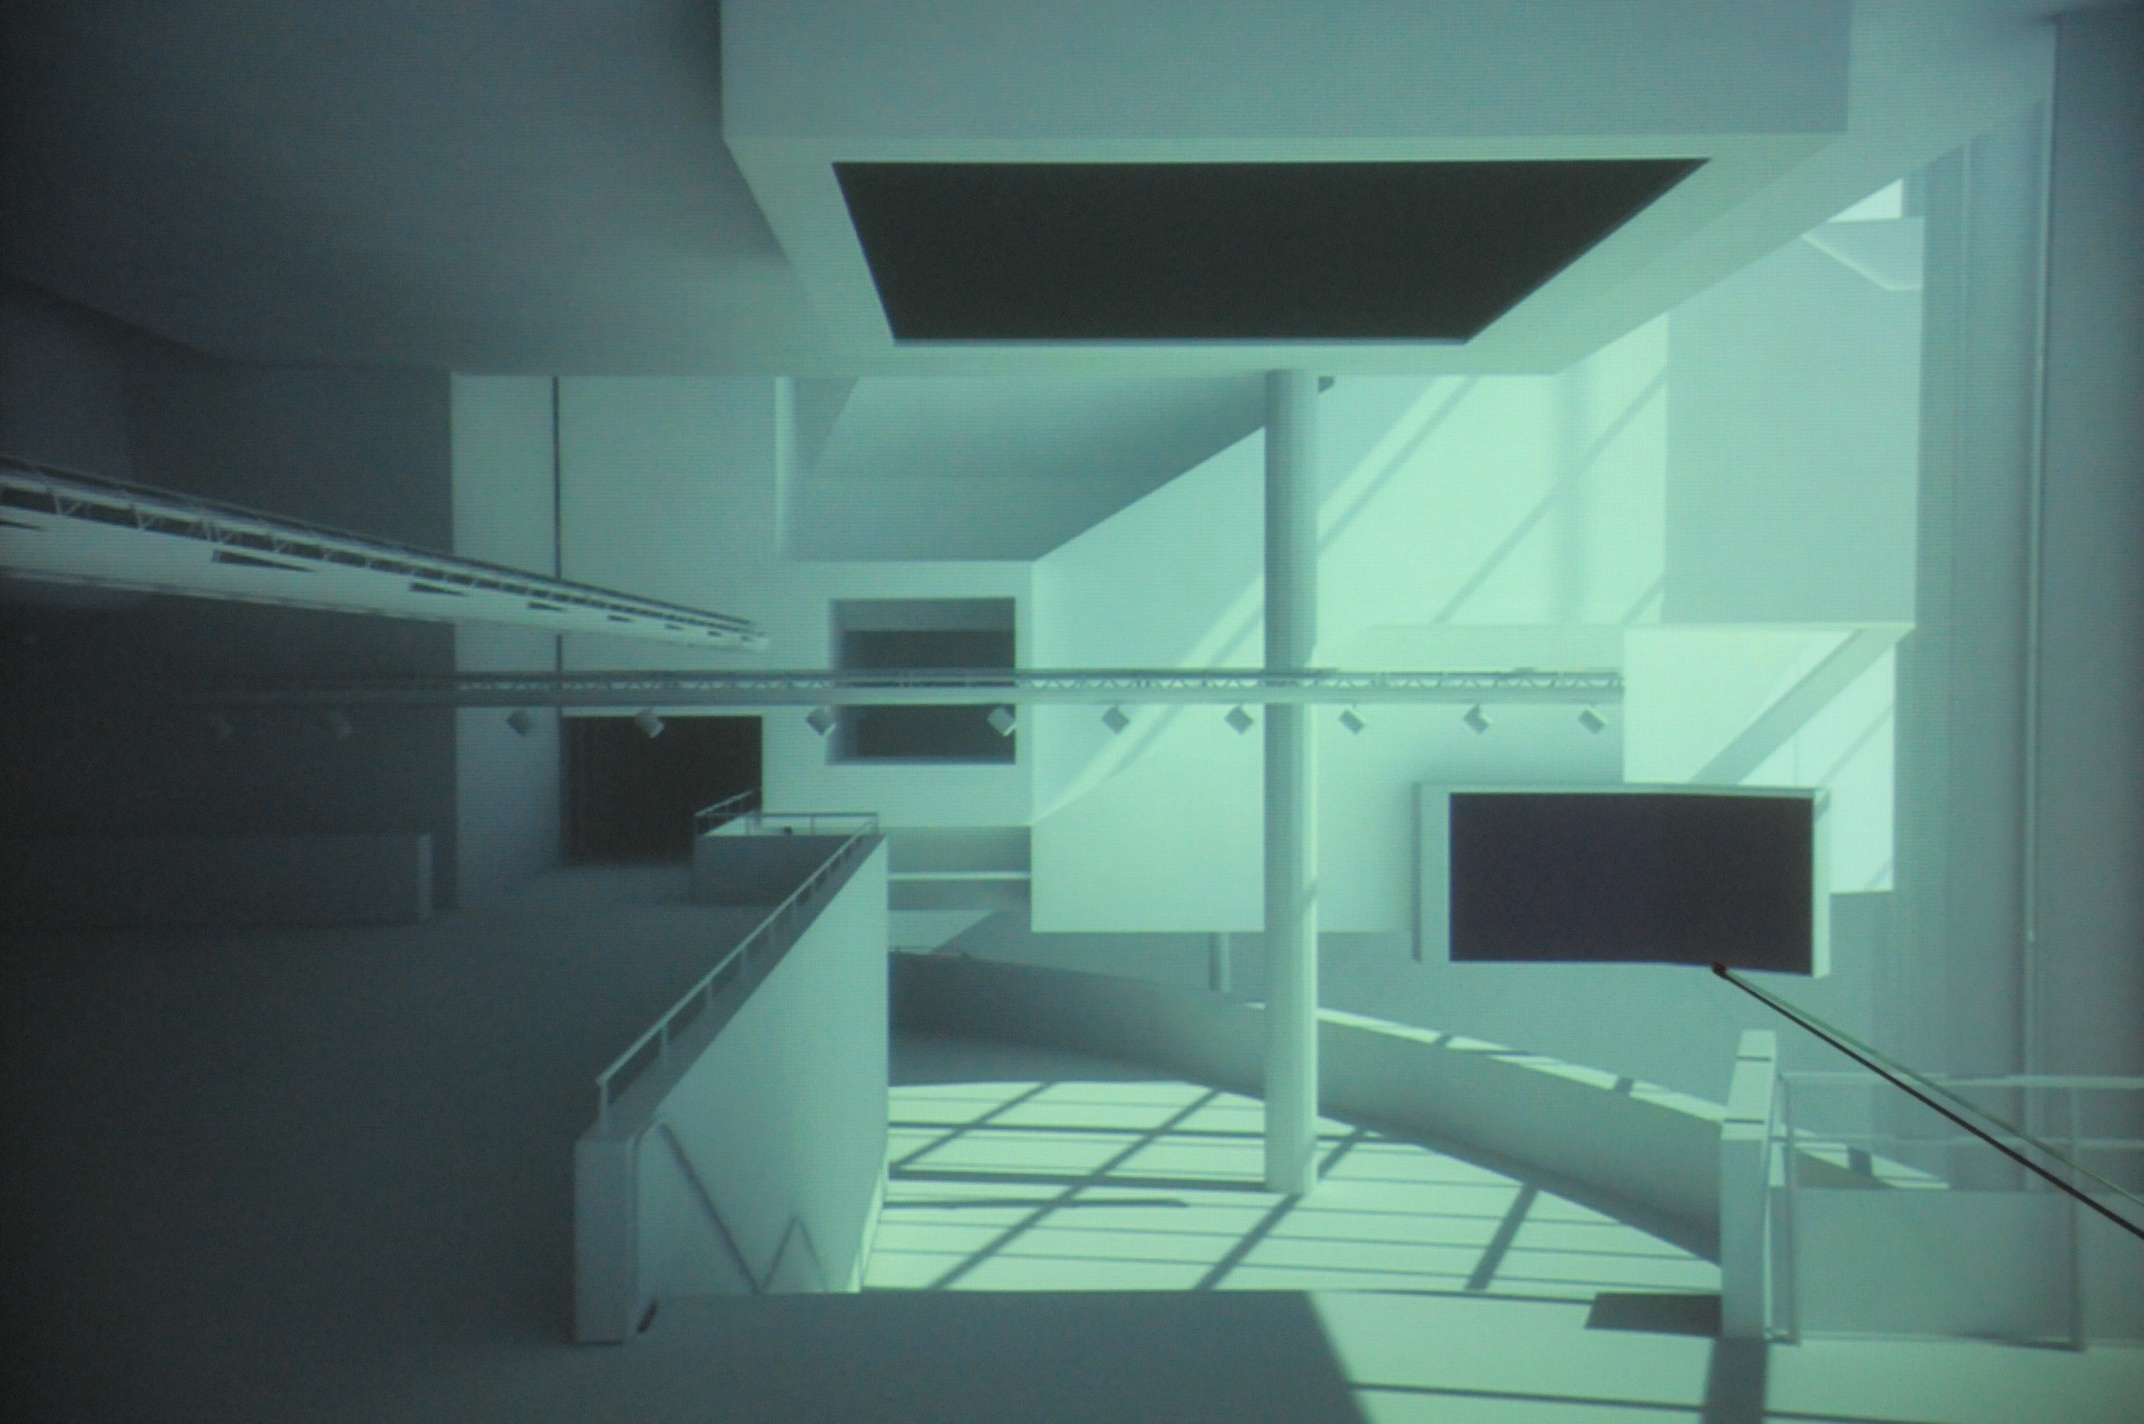 Aernout Mik projecteert 'zesde zaal' op groot scherm